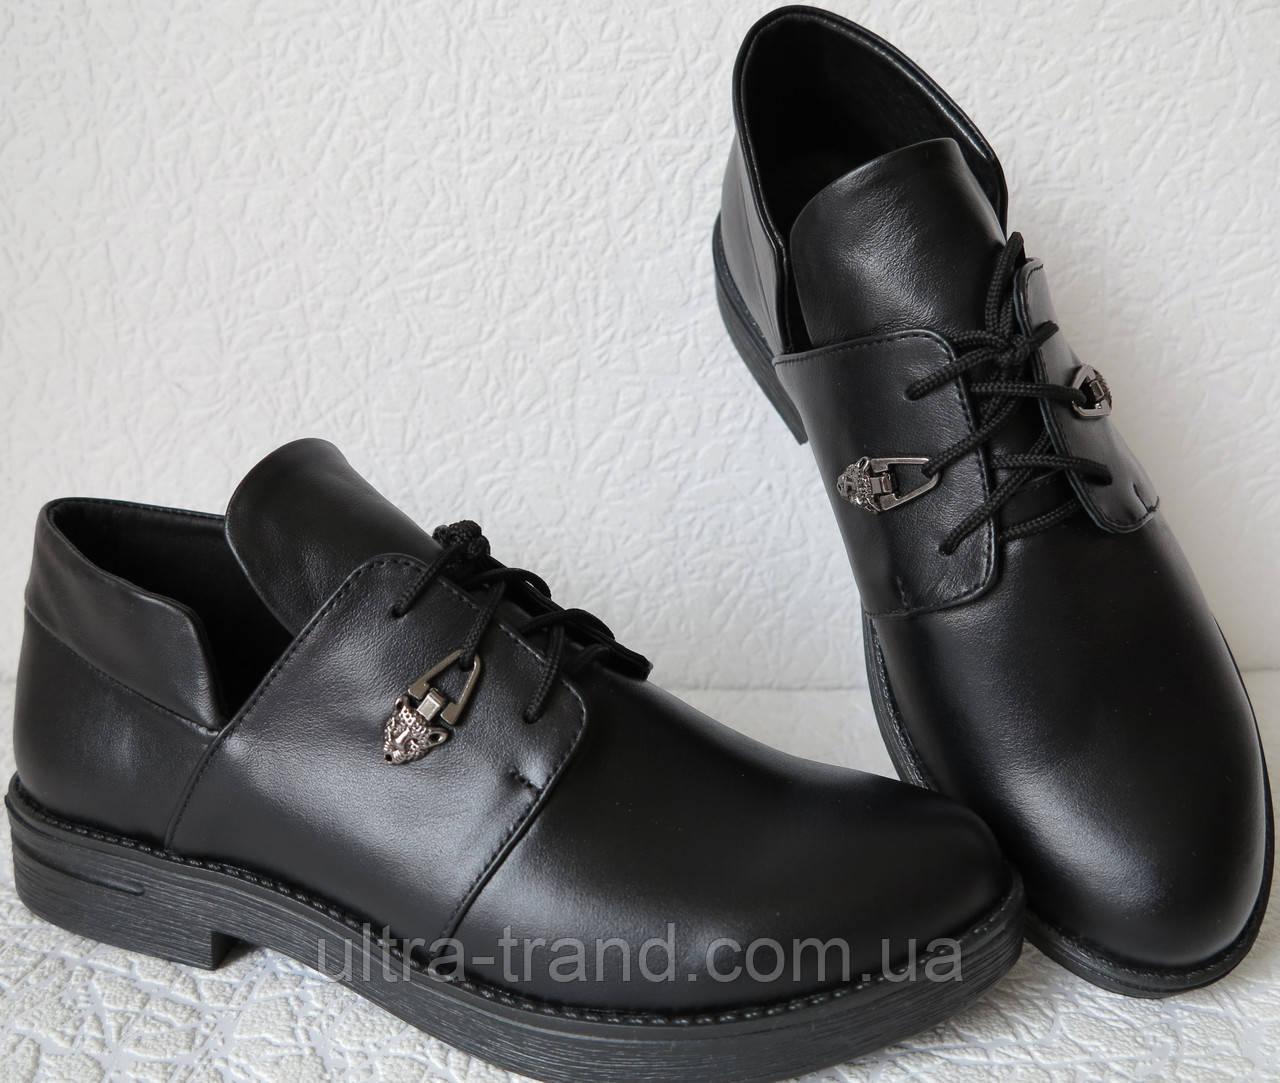 Пантера! Полуботинки женские, натуральная черная кожа на шнуровке и удобный каблук. Pantera